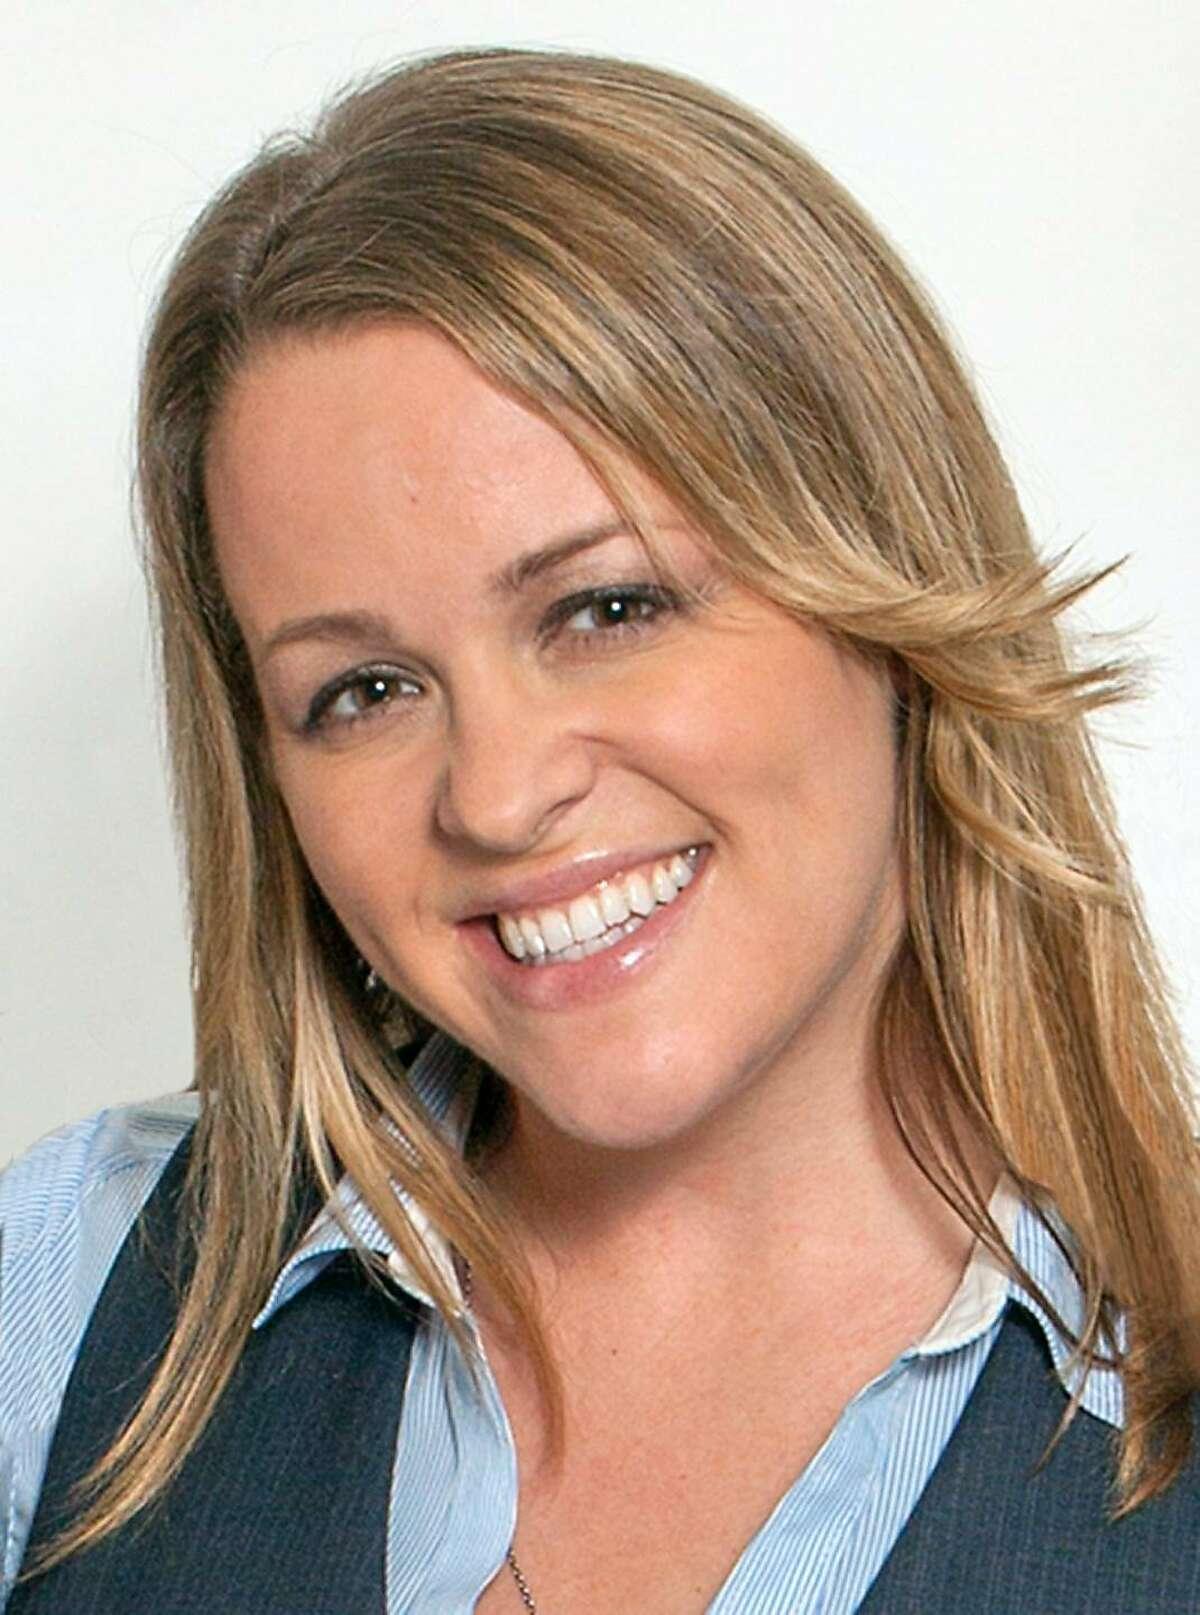 Rachel Swann